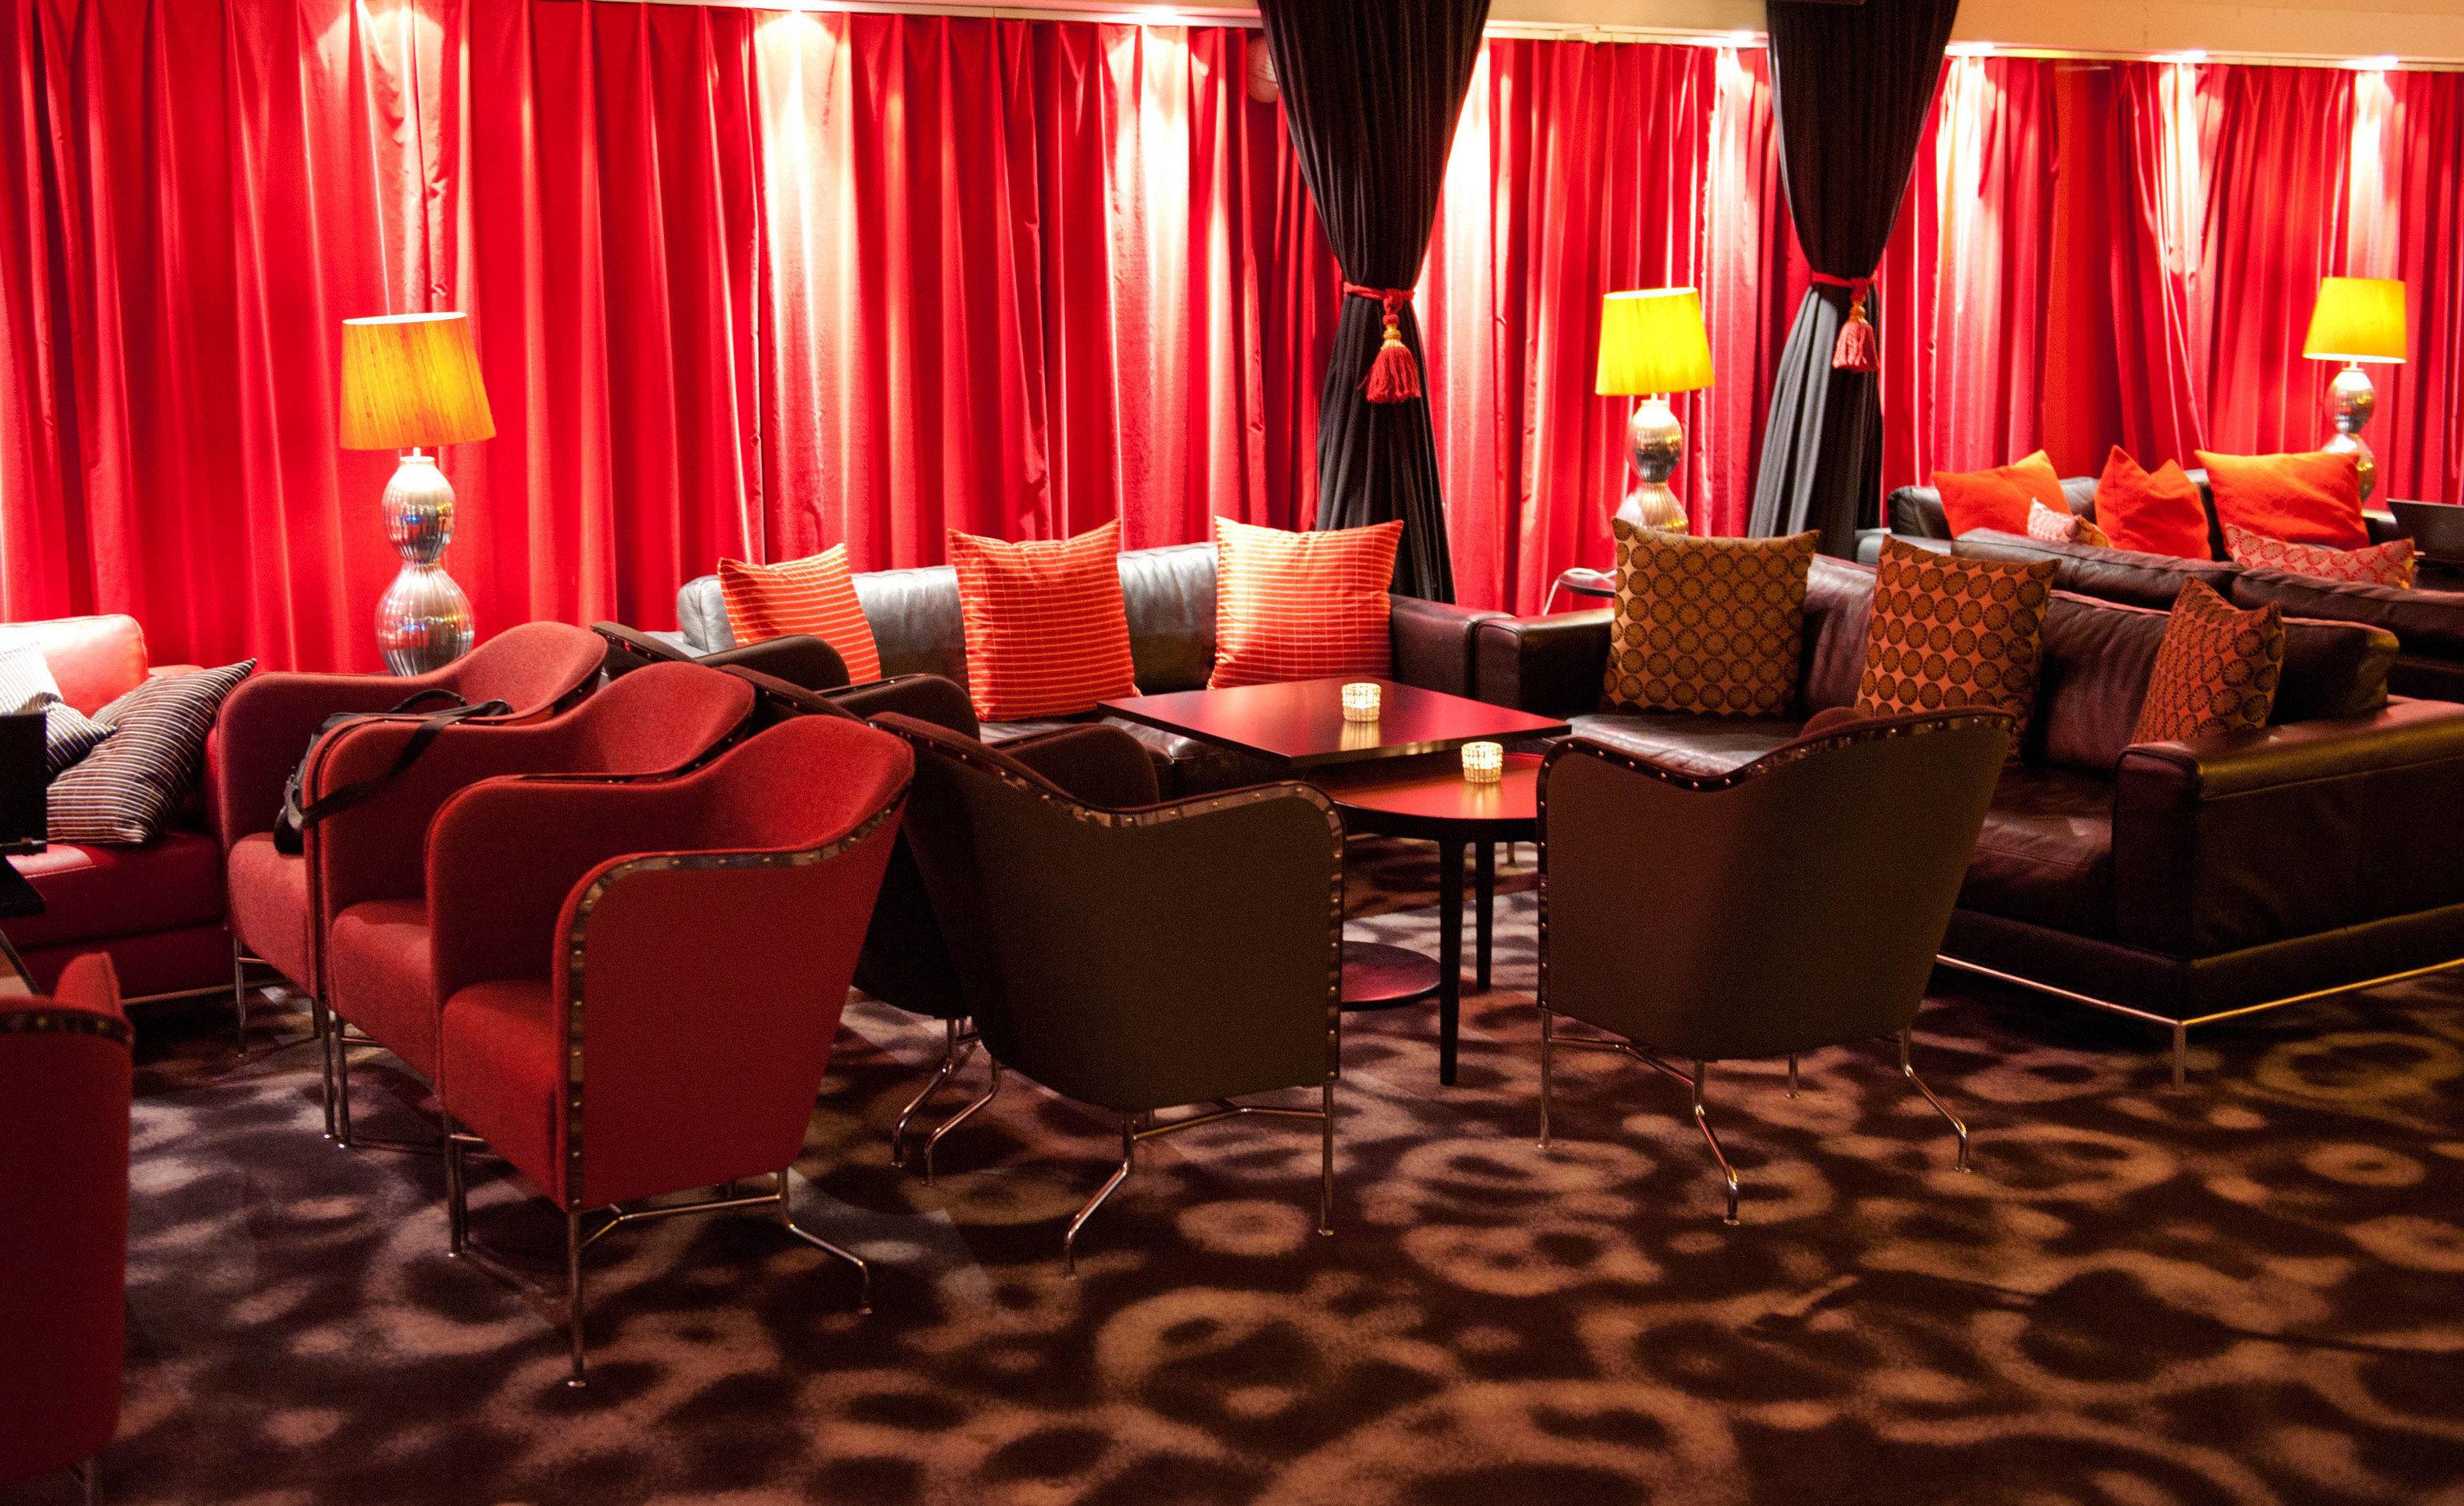 curtain chair red function hall stage banquet auditorium restaurant ballroom nightclub movie theater